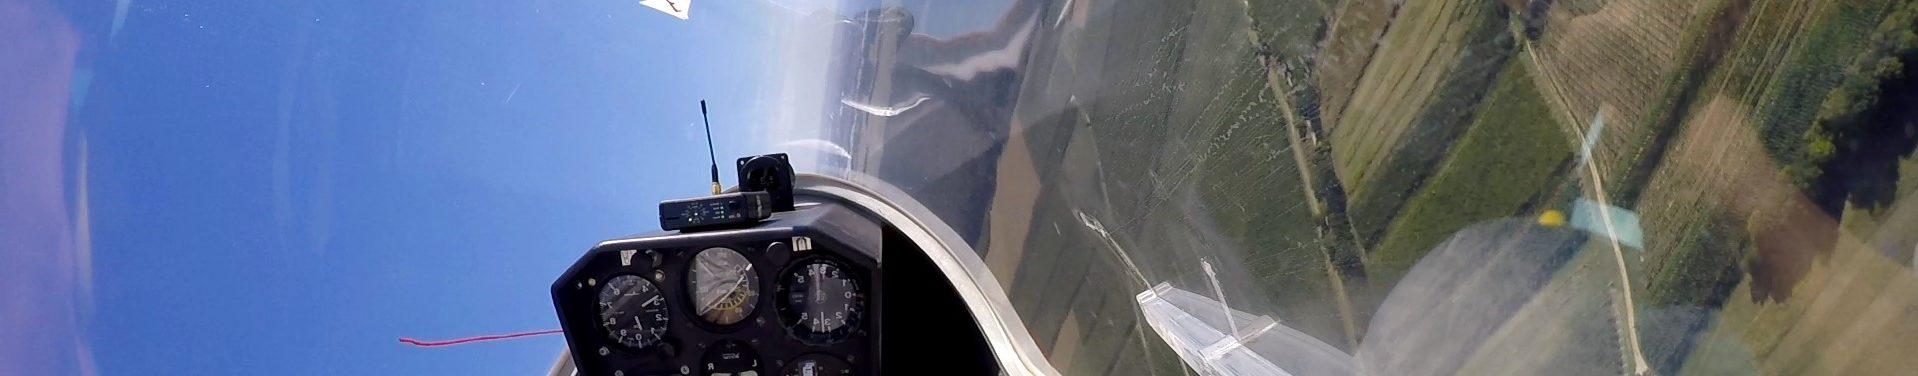 Blick aus dem Cockpit in einer Kurve